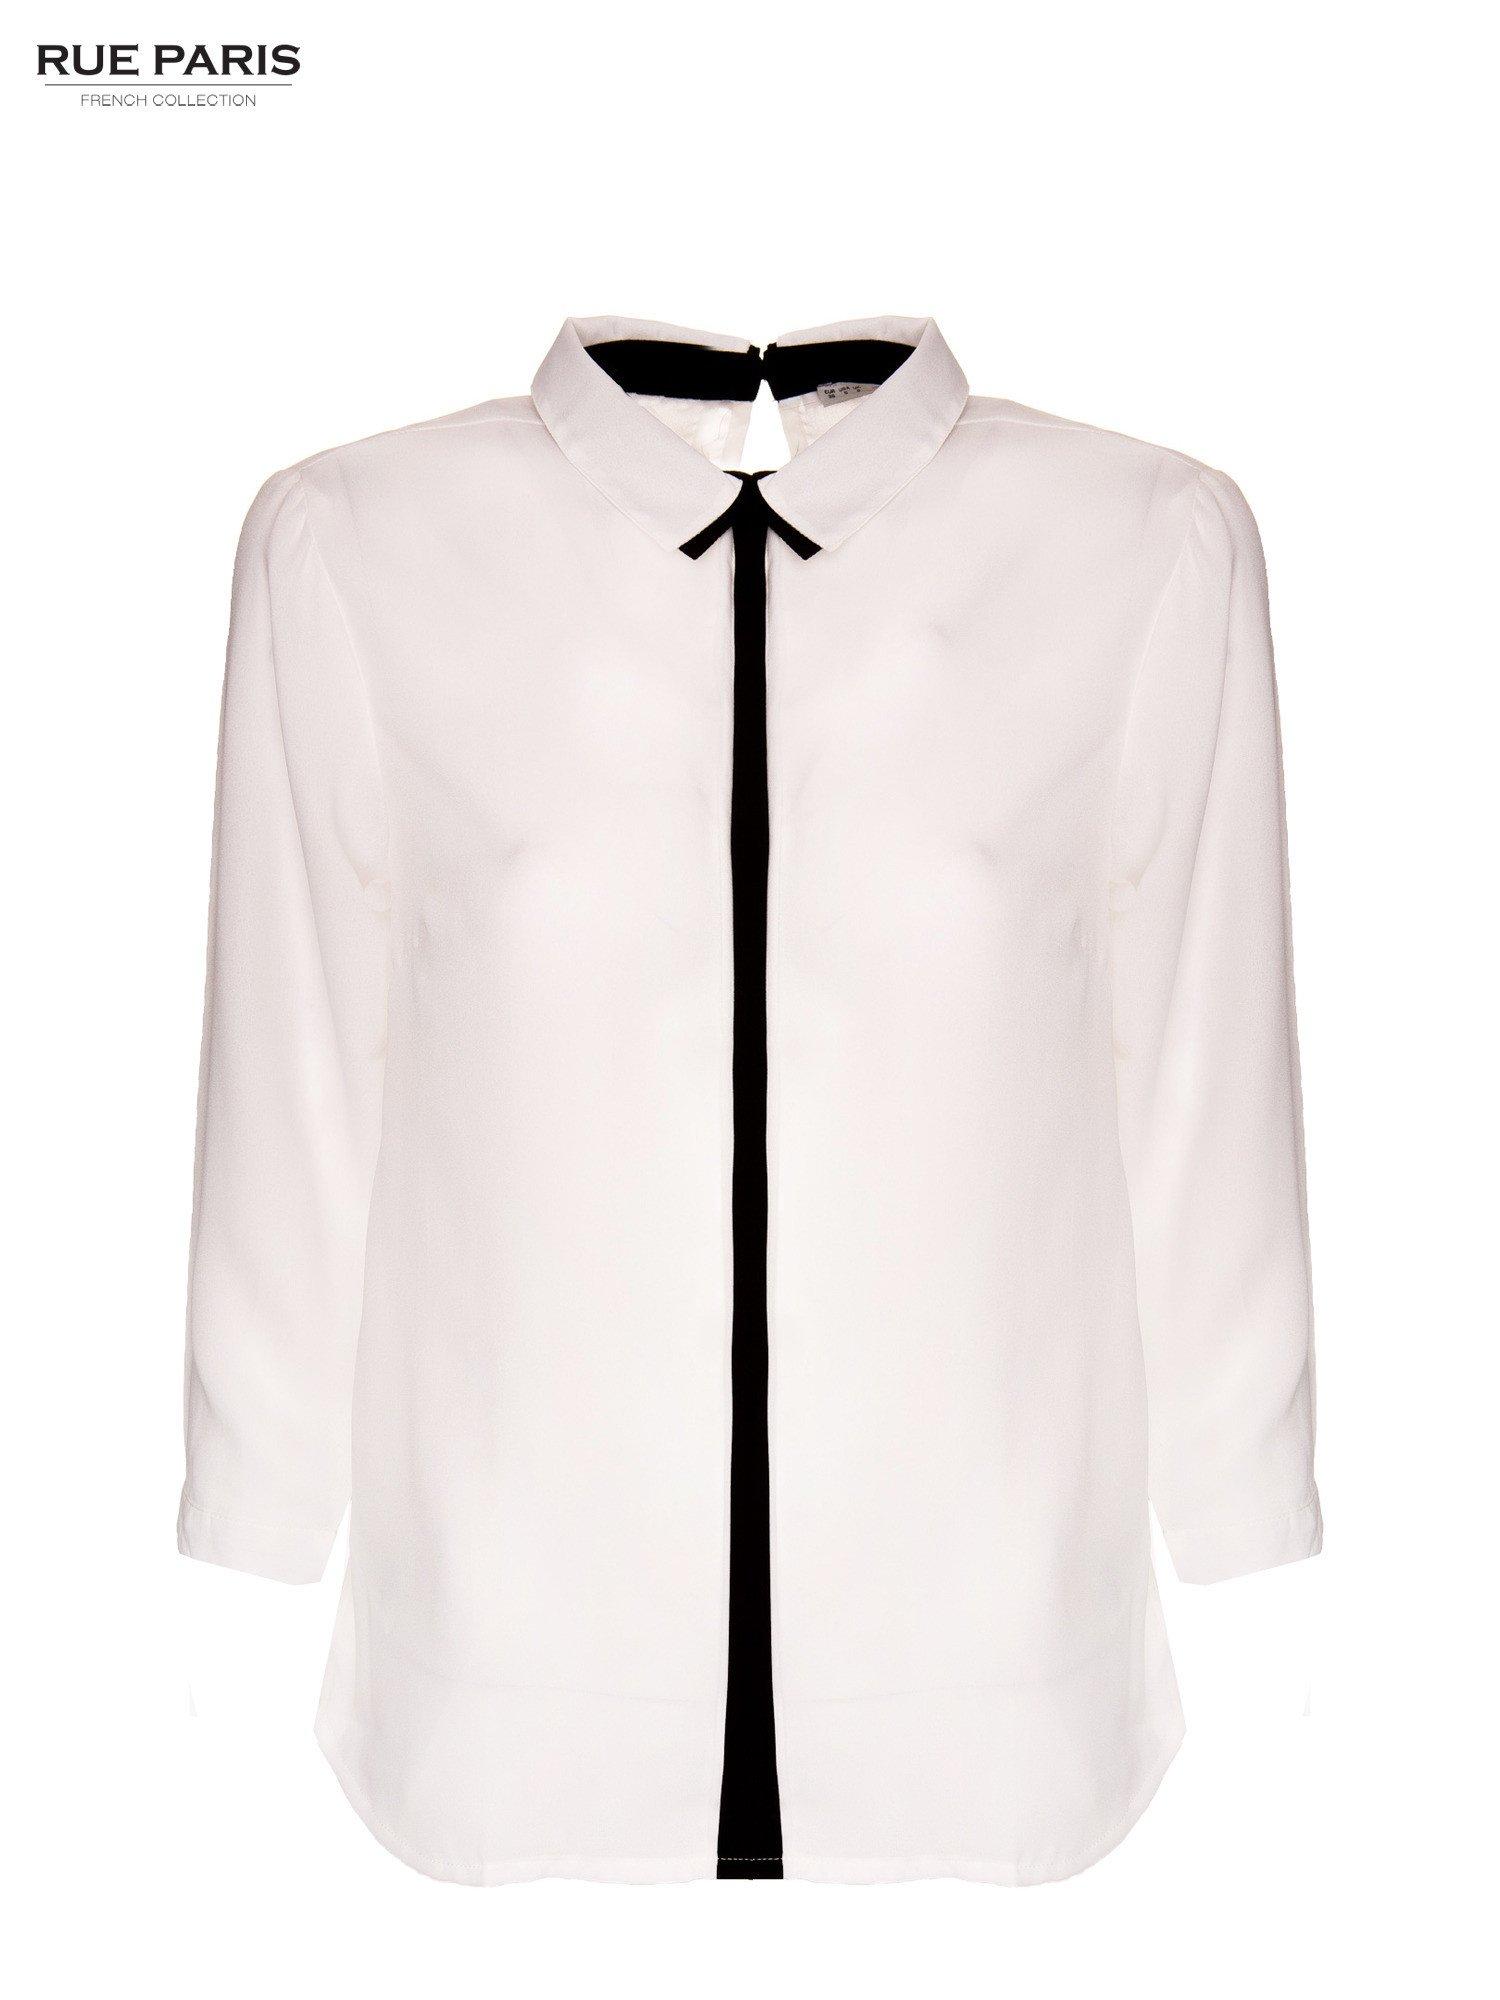 Biała koszula z kontrastowym pasem i kołnierzykiem                                  zdj.                                  2